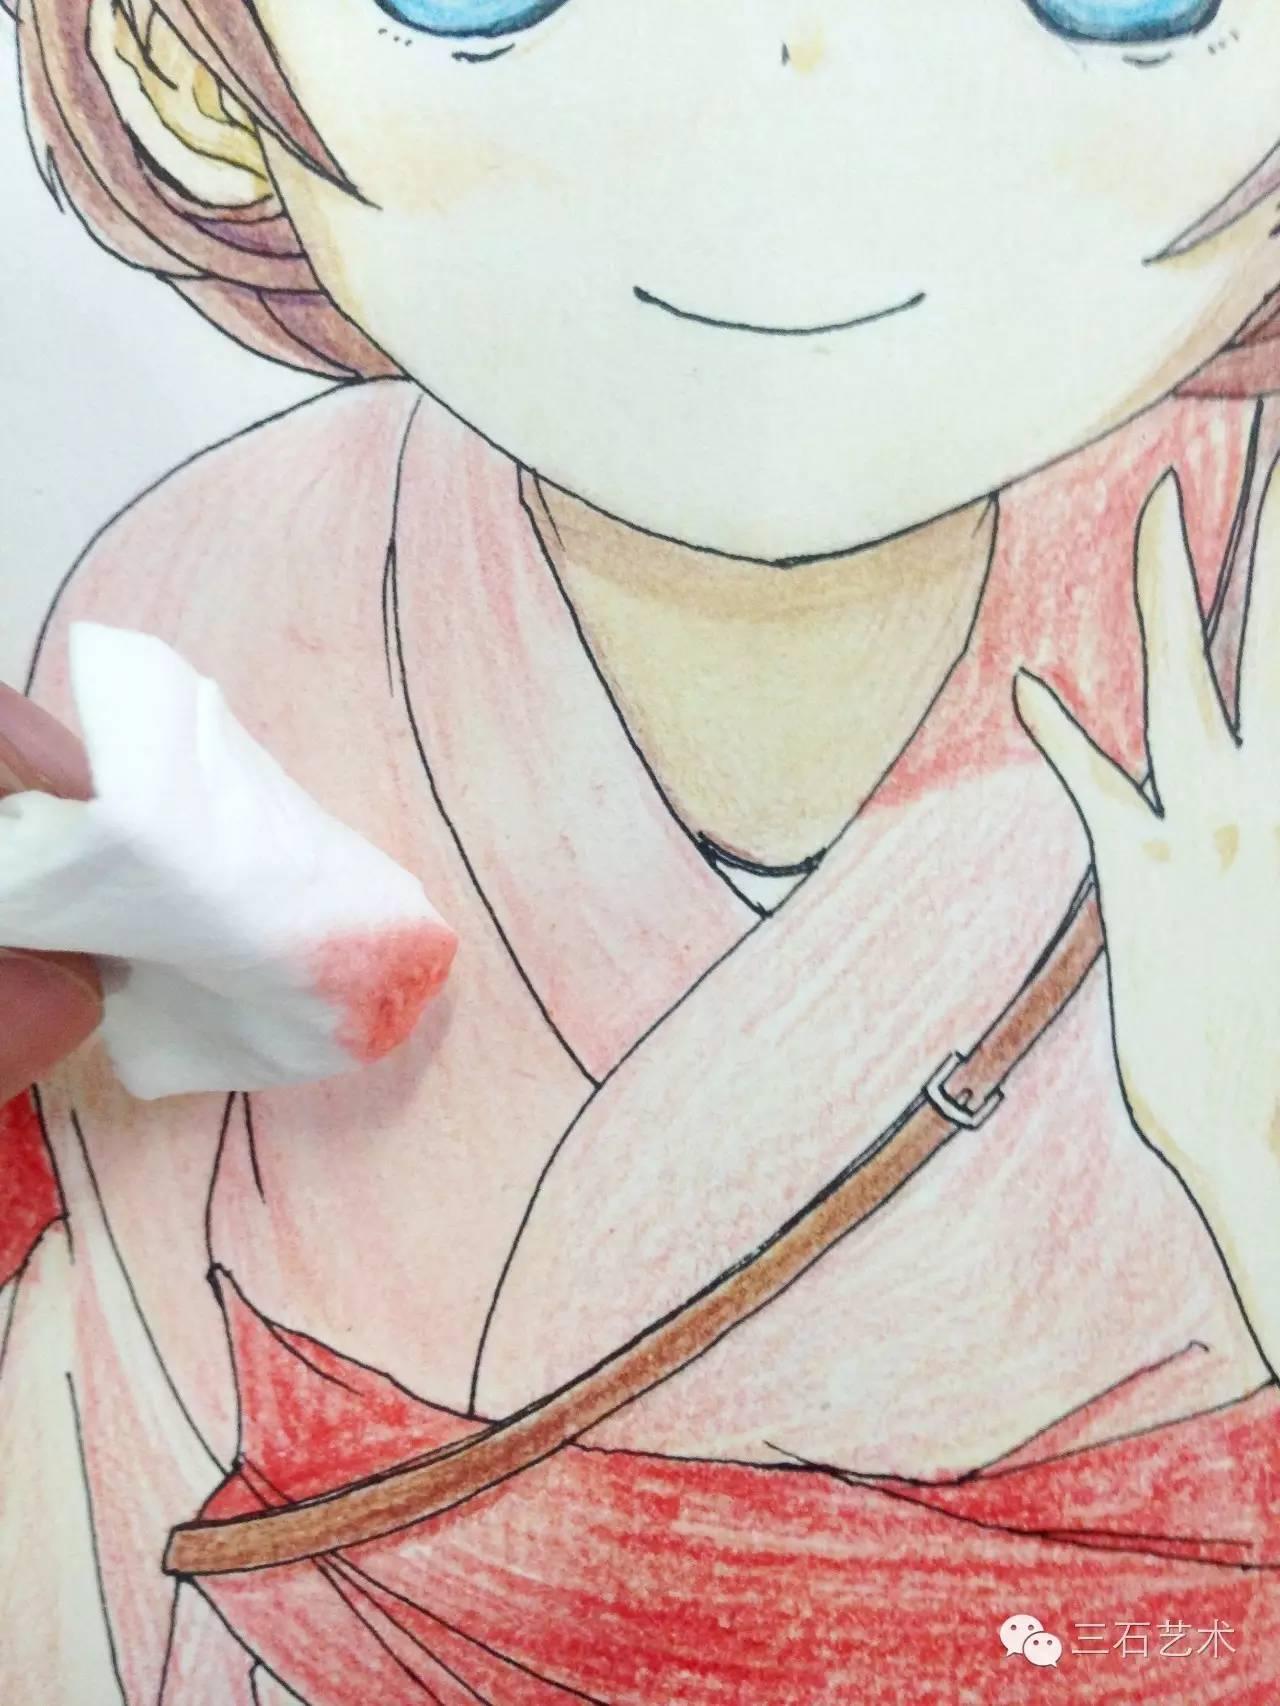 原创彩铅动漫教程,穿和服的女孩!